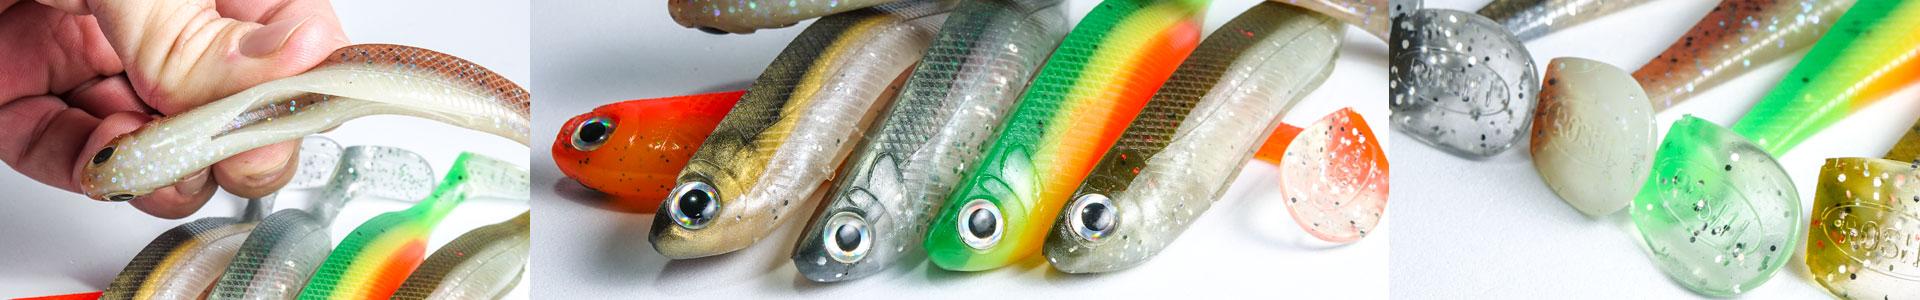 Detalles-rshad-130-roshi-fishing